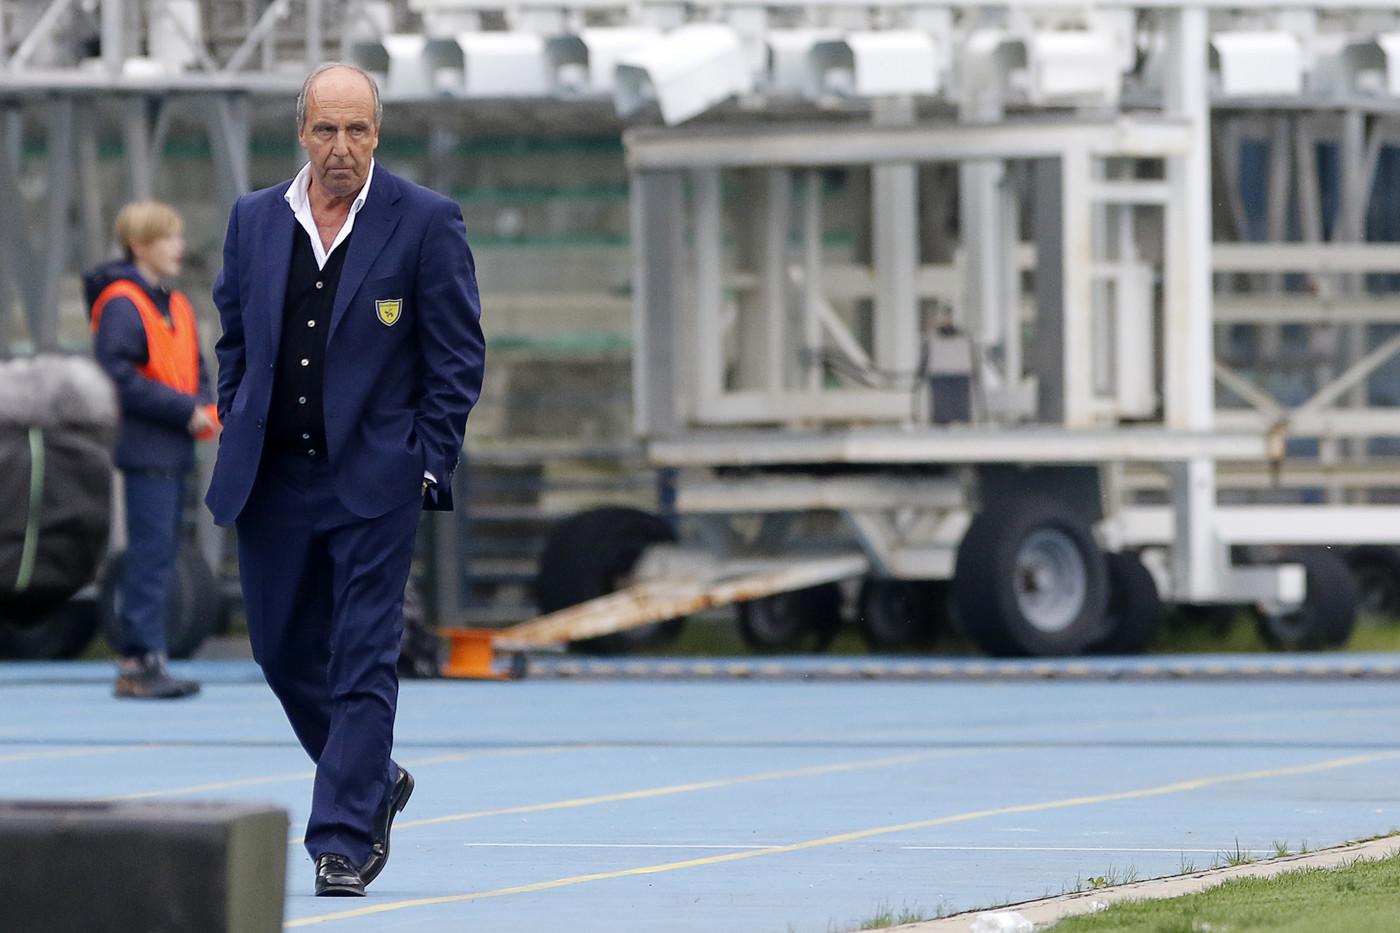 """Chievo, Ventura si dimette a sorpresa. Il ds Romairone: """"Ha espresso malessere"""""""